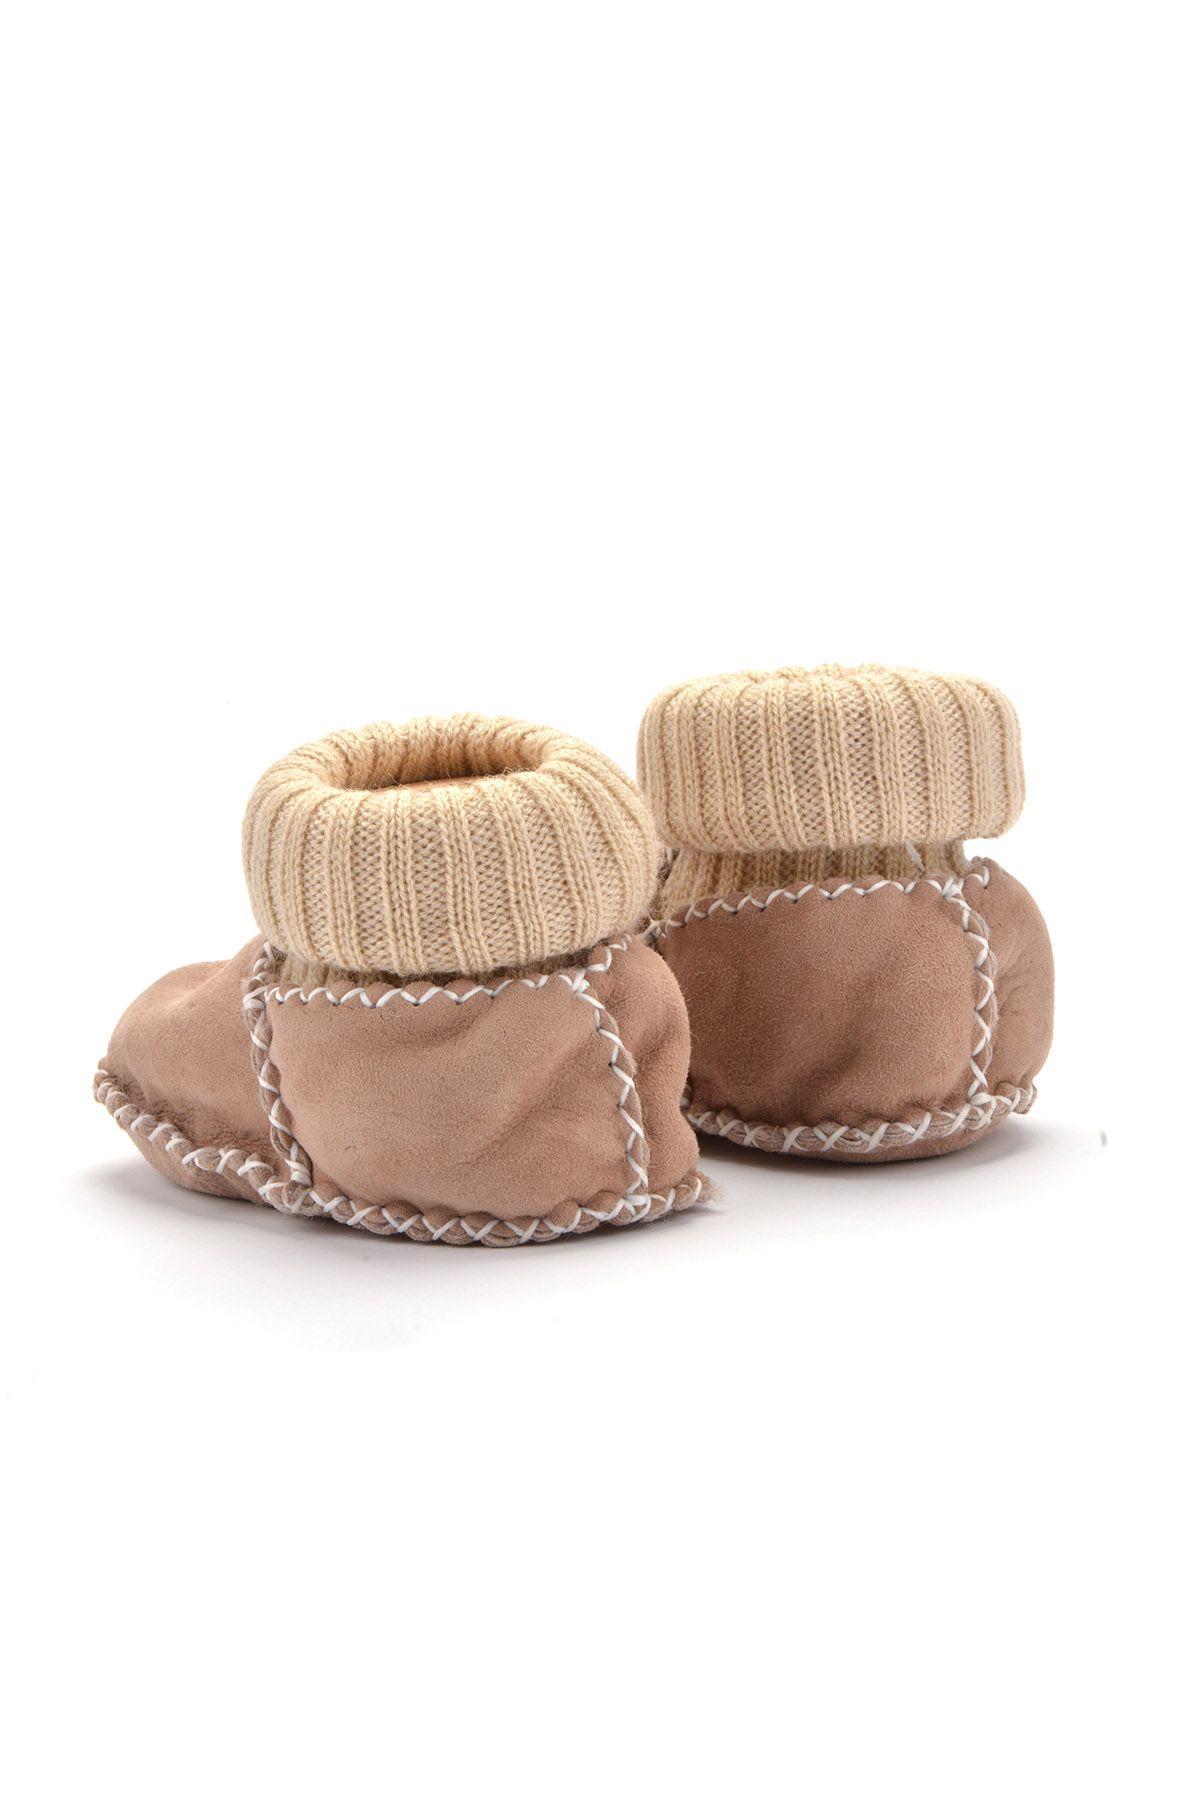 Pegia Hakiki Kürklü Çoraplı Bebek Patiği 141006 Bej